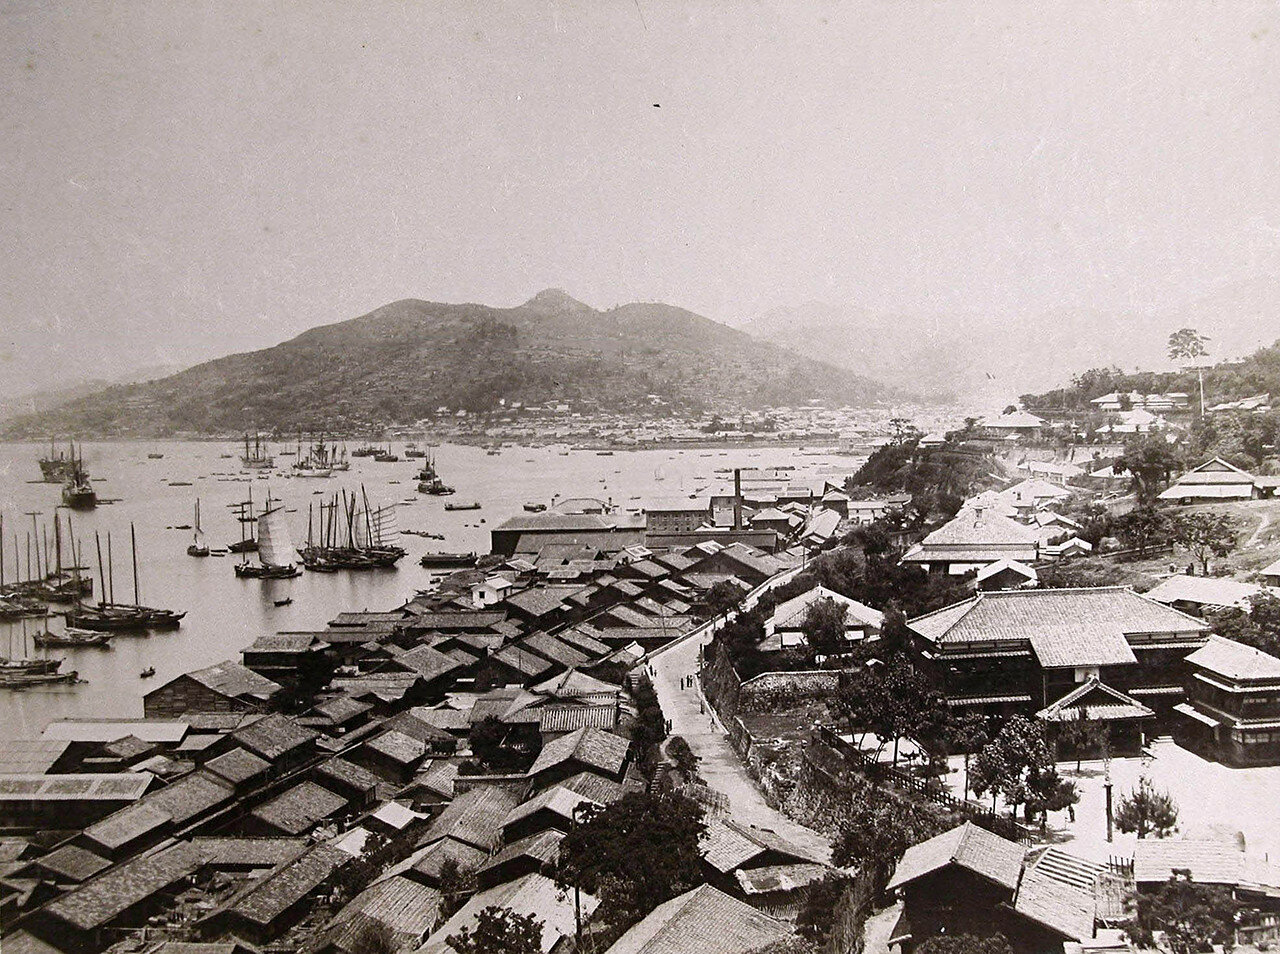 36. Вид на бухту и жилые дома. Порт-Артур. 14 октября 1900